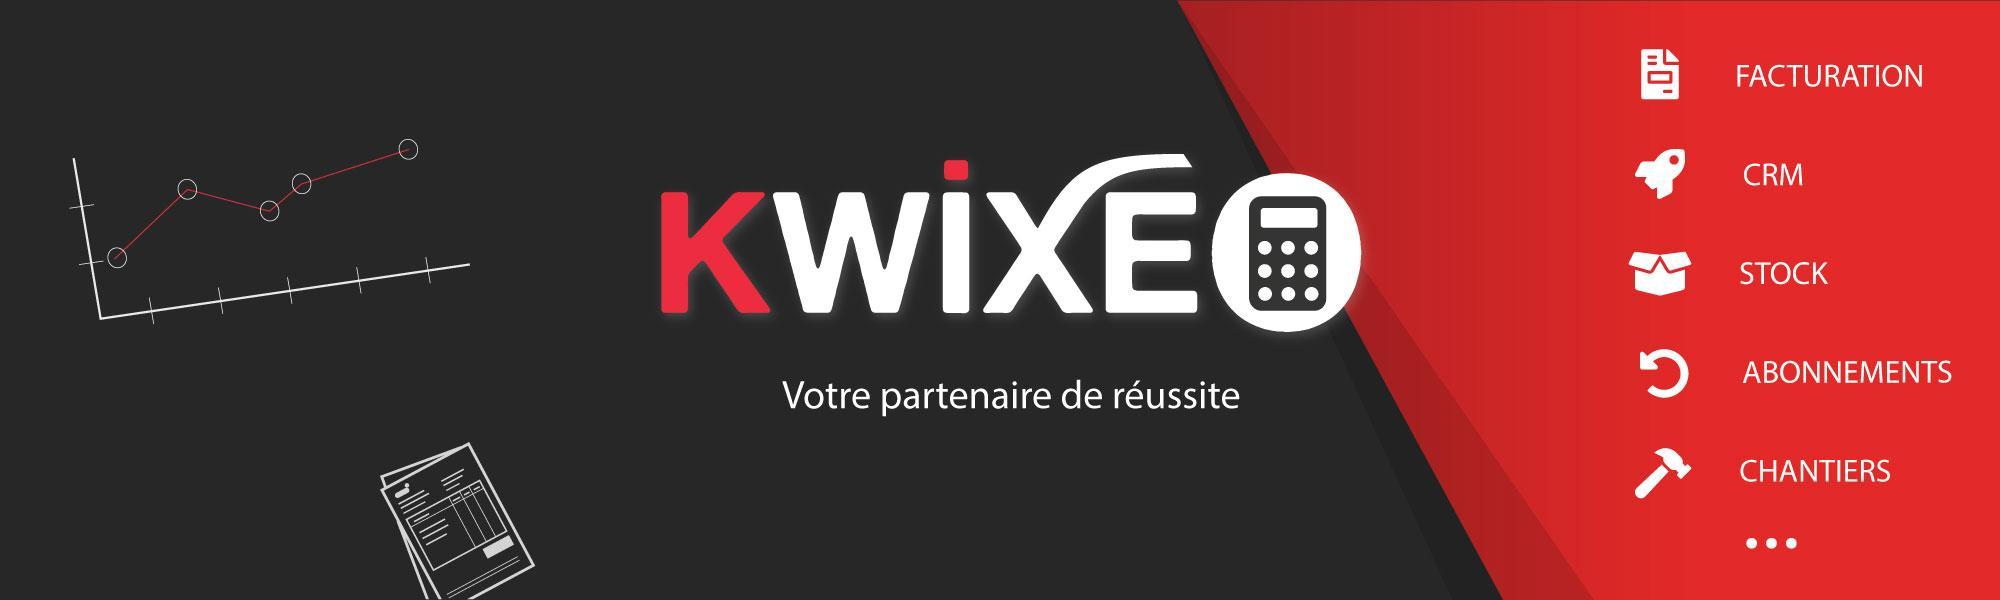 Avis Kwixeo : Logiciel de gestion et facturation simple pour TPE-PME - appvizer